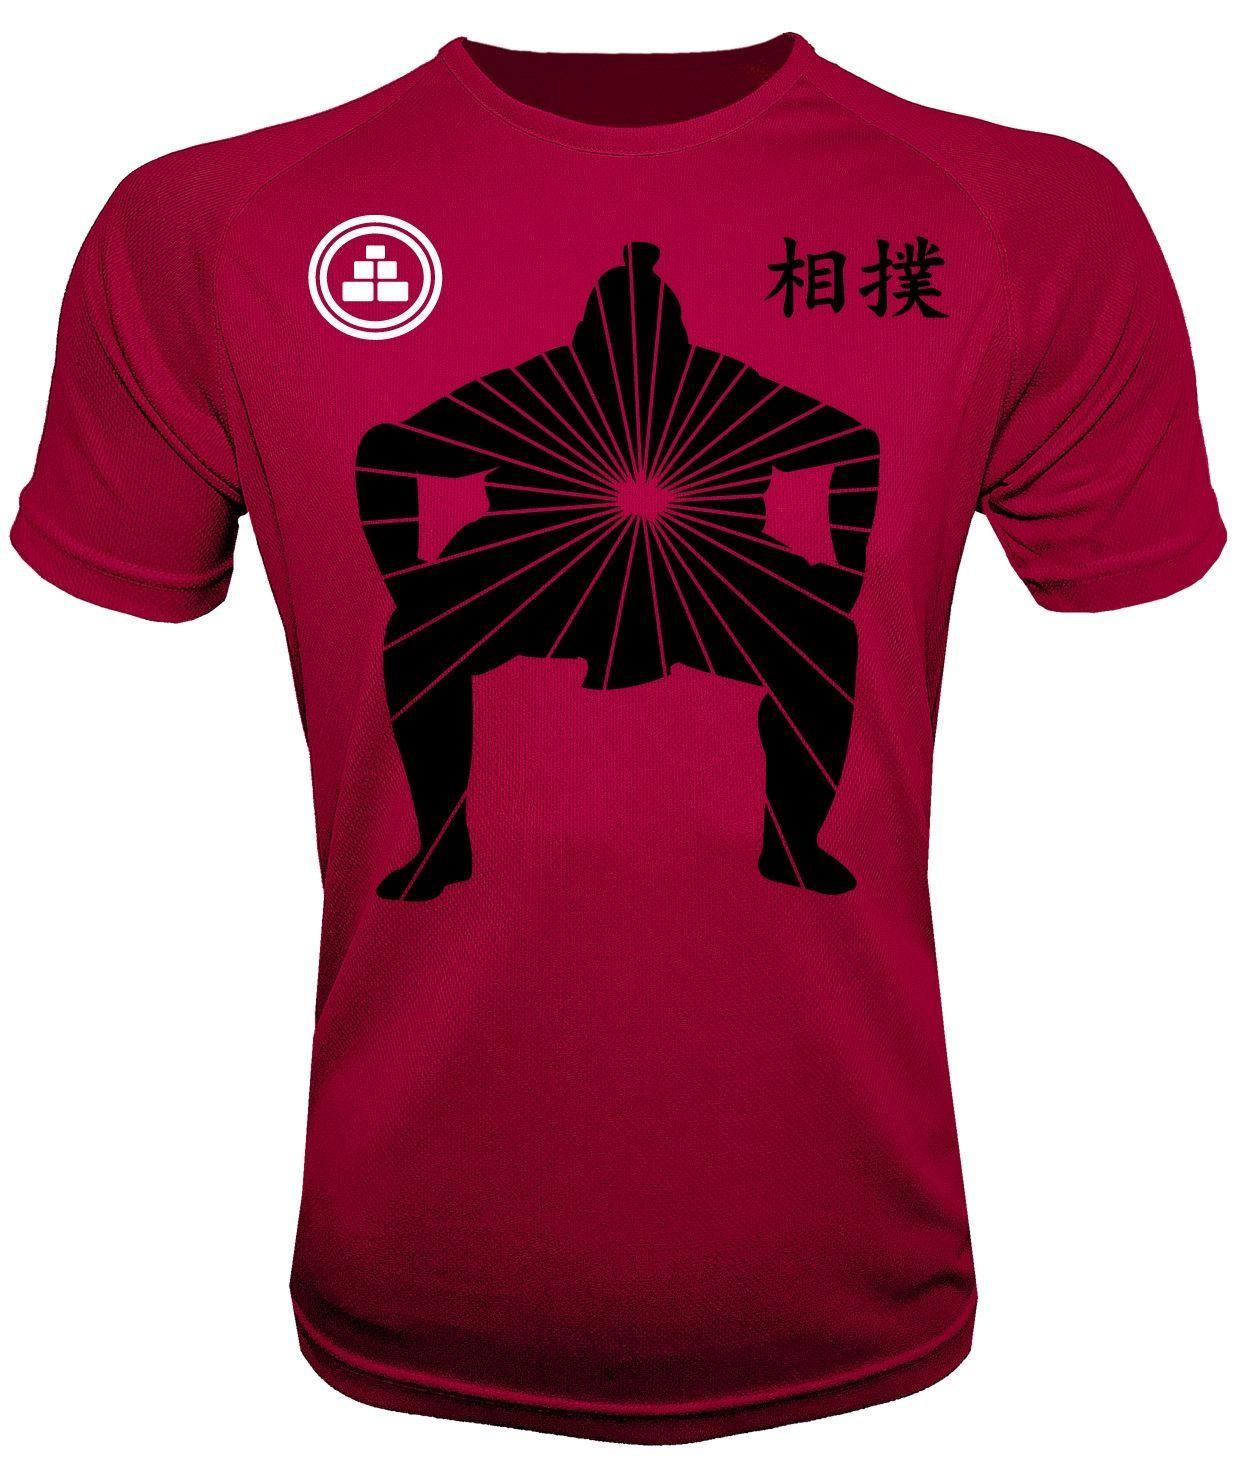 Camiseta de deporte Sumo R